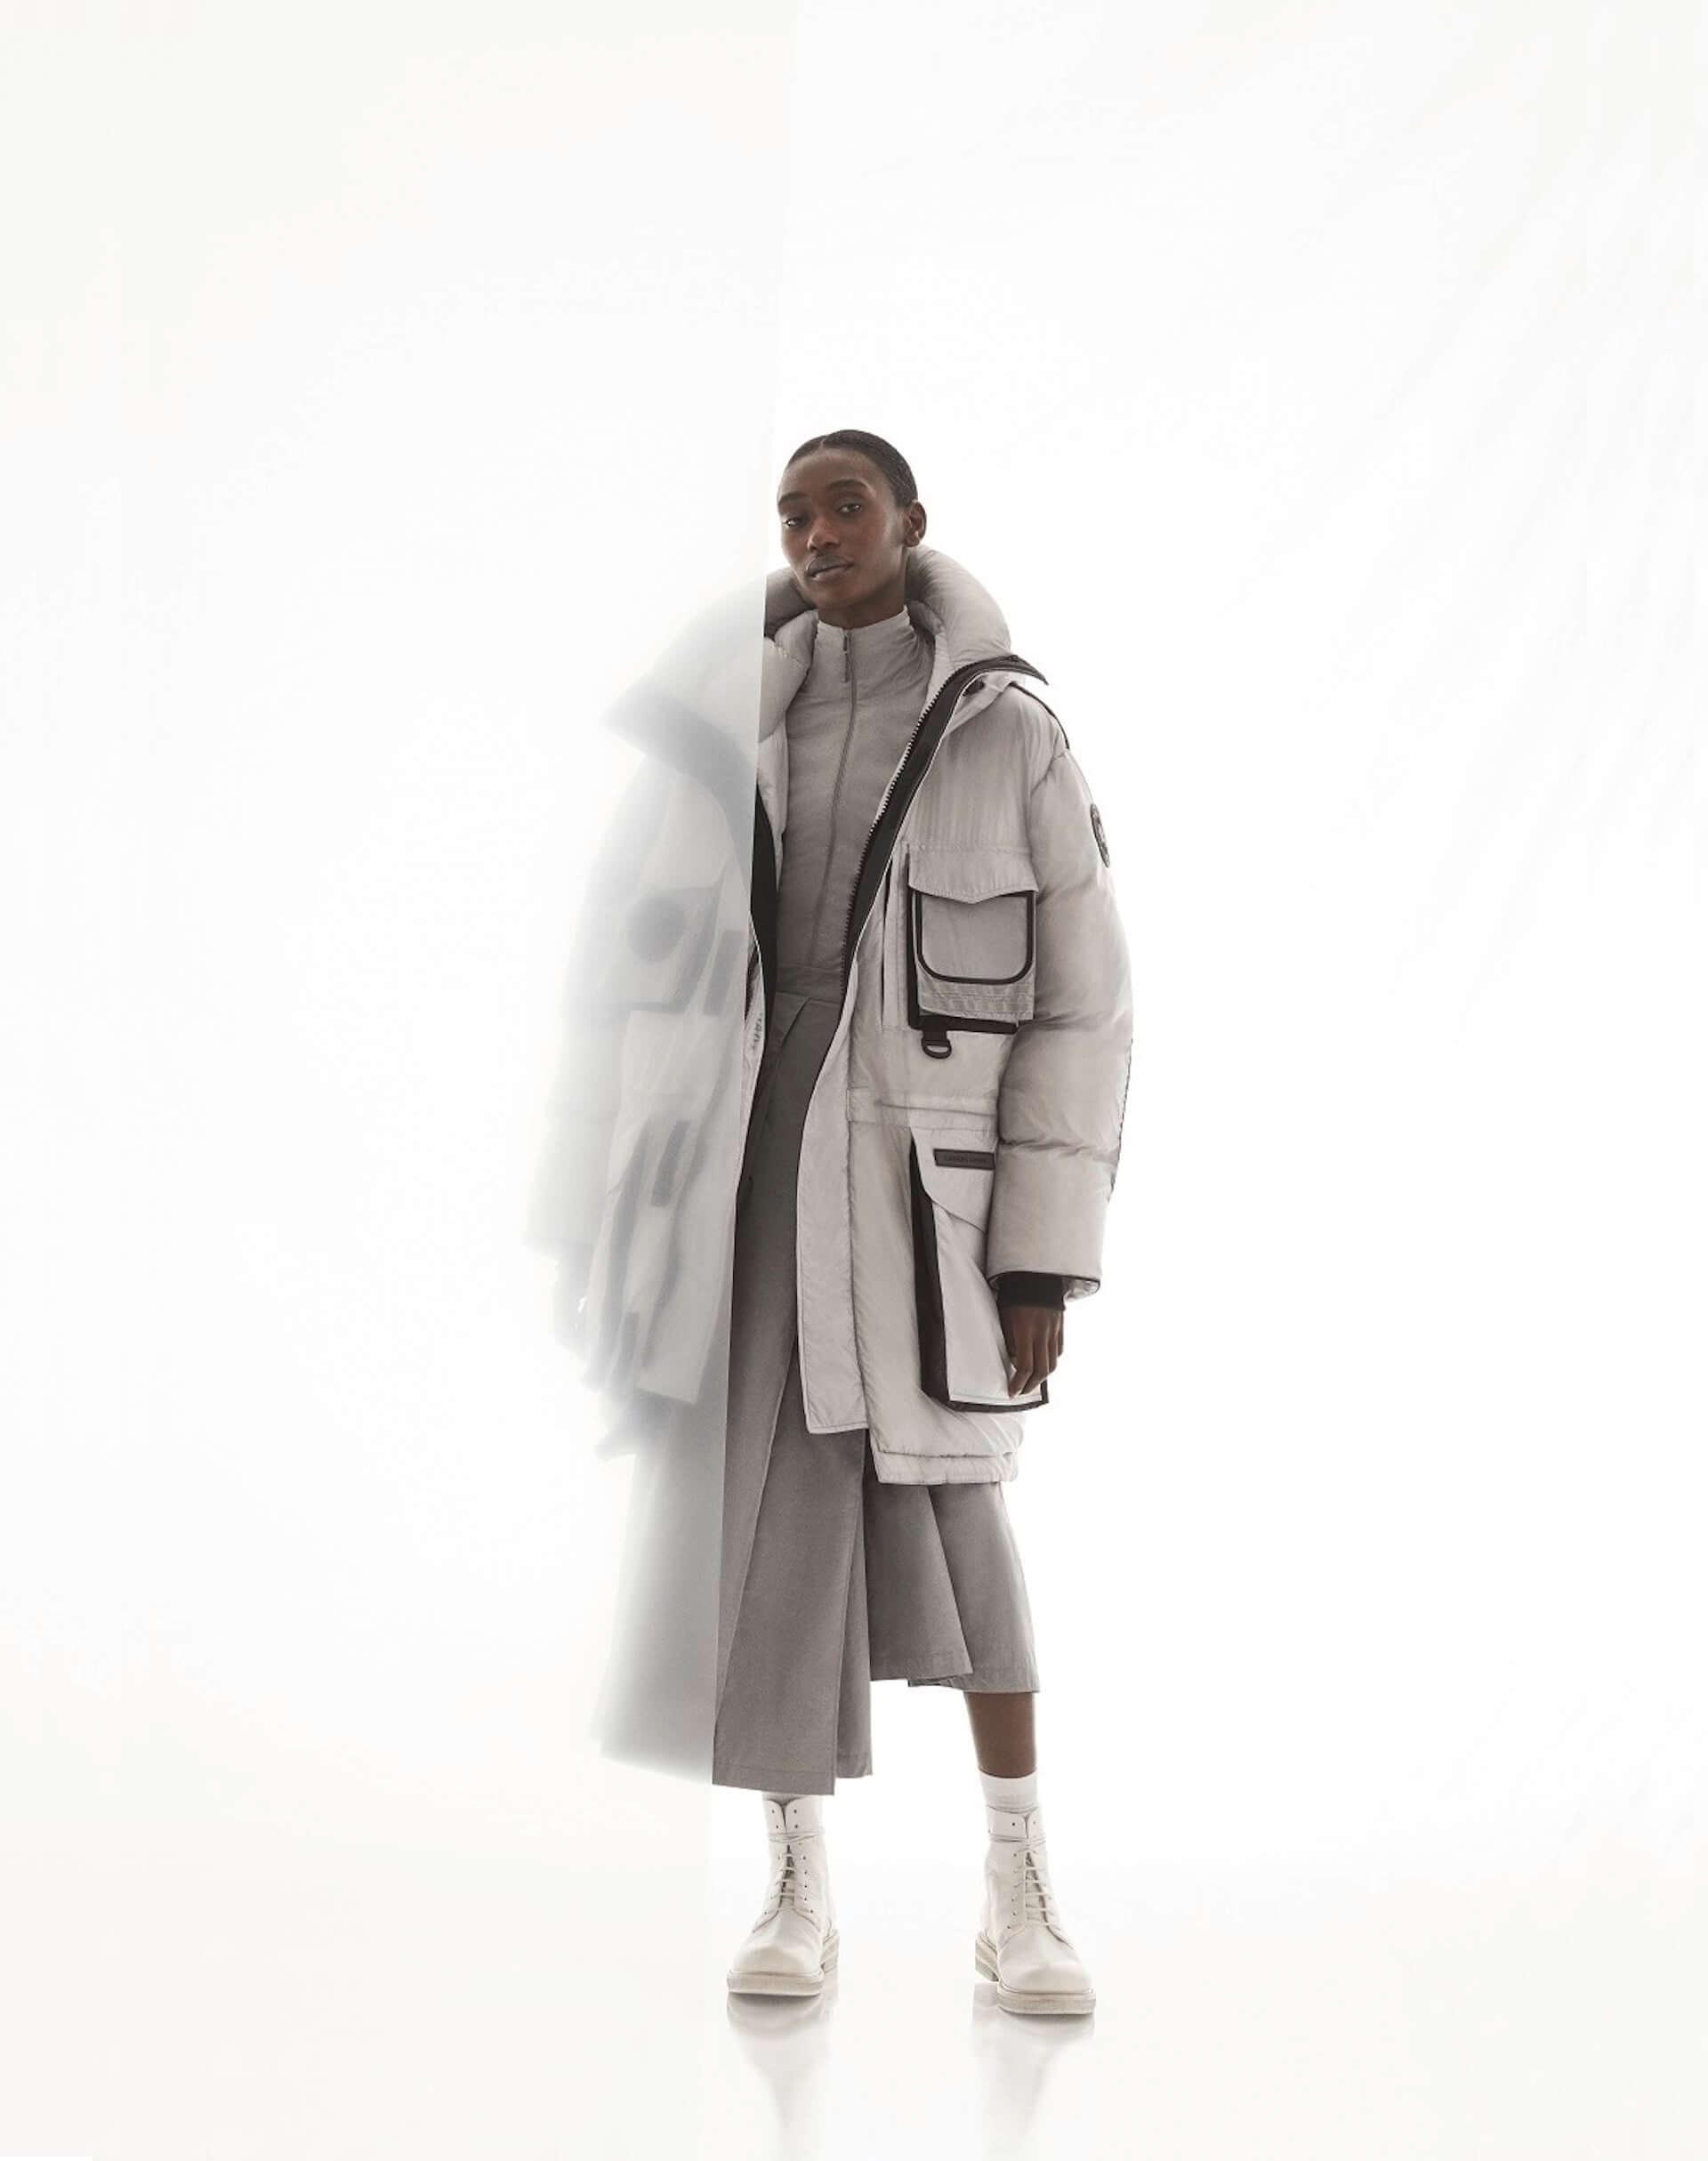 カナダグースの新コレクション「THE ICONS X-RAY COLLECTION」が発売決定!冬の寒さから身を守るジャケット、ベストなどが登場 lf201124_canadagoose_2-1920x2429